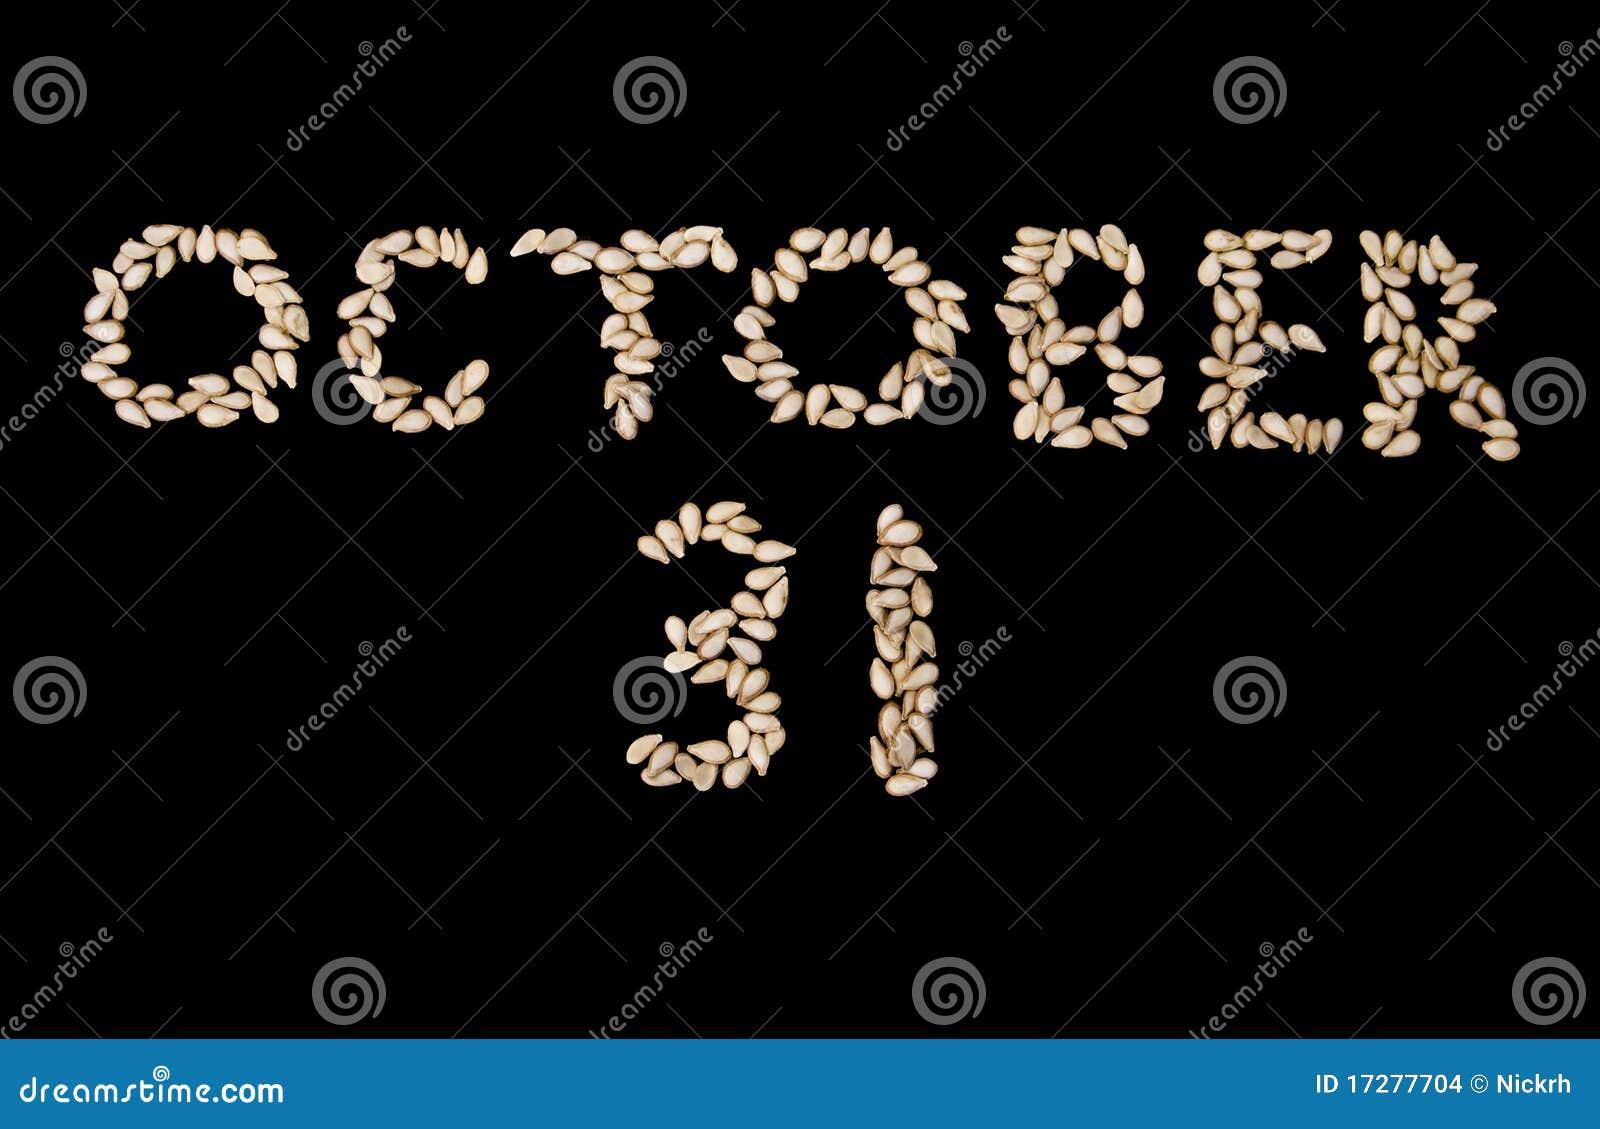 Halloween  October 31 Stock Images  Image: 17277704 - October 31 Halloween